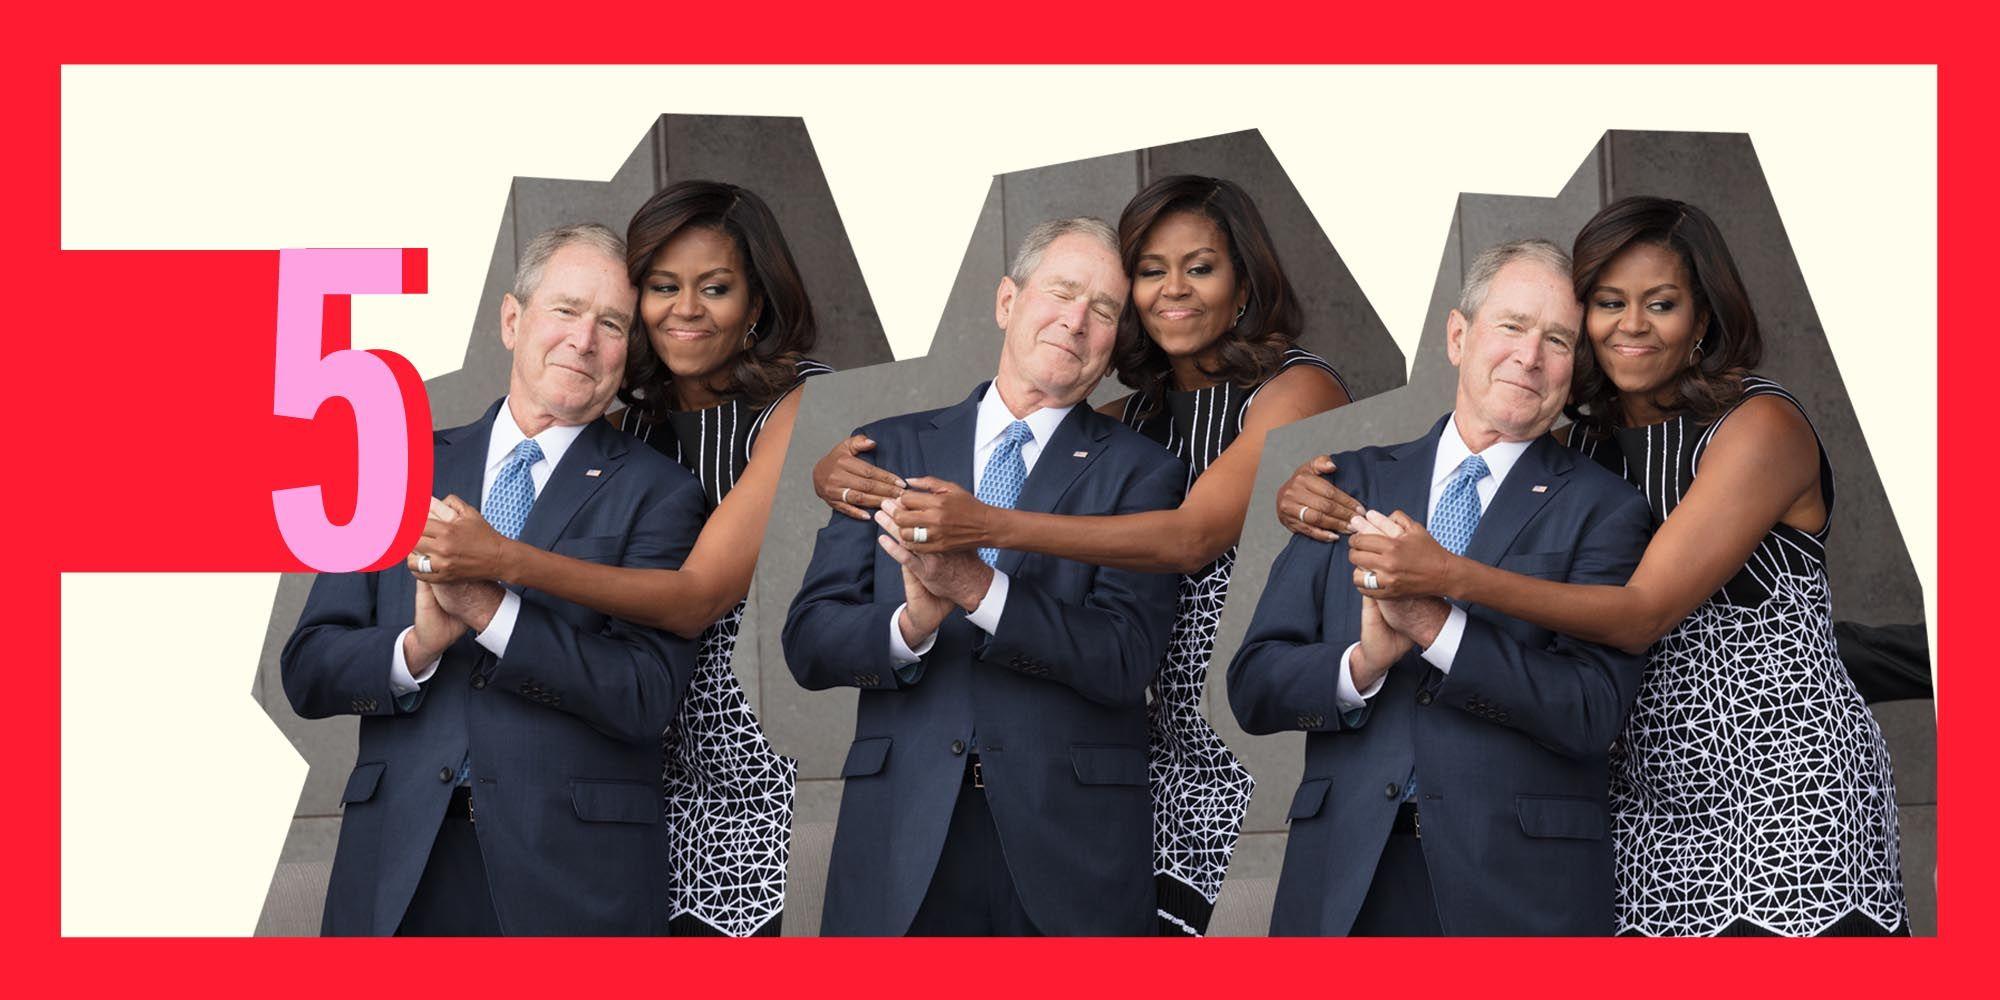 George W. Bush, Michelle Obama